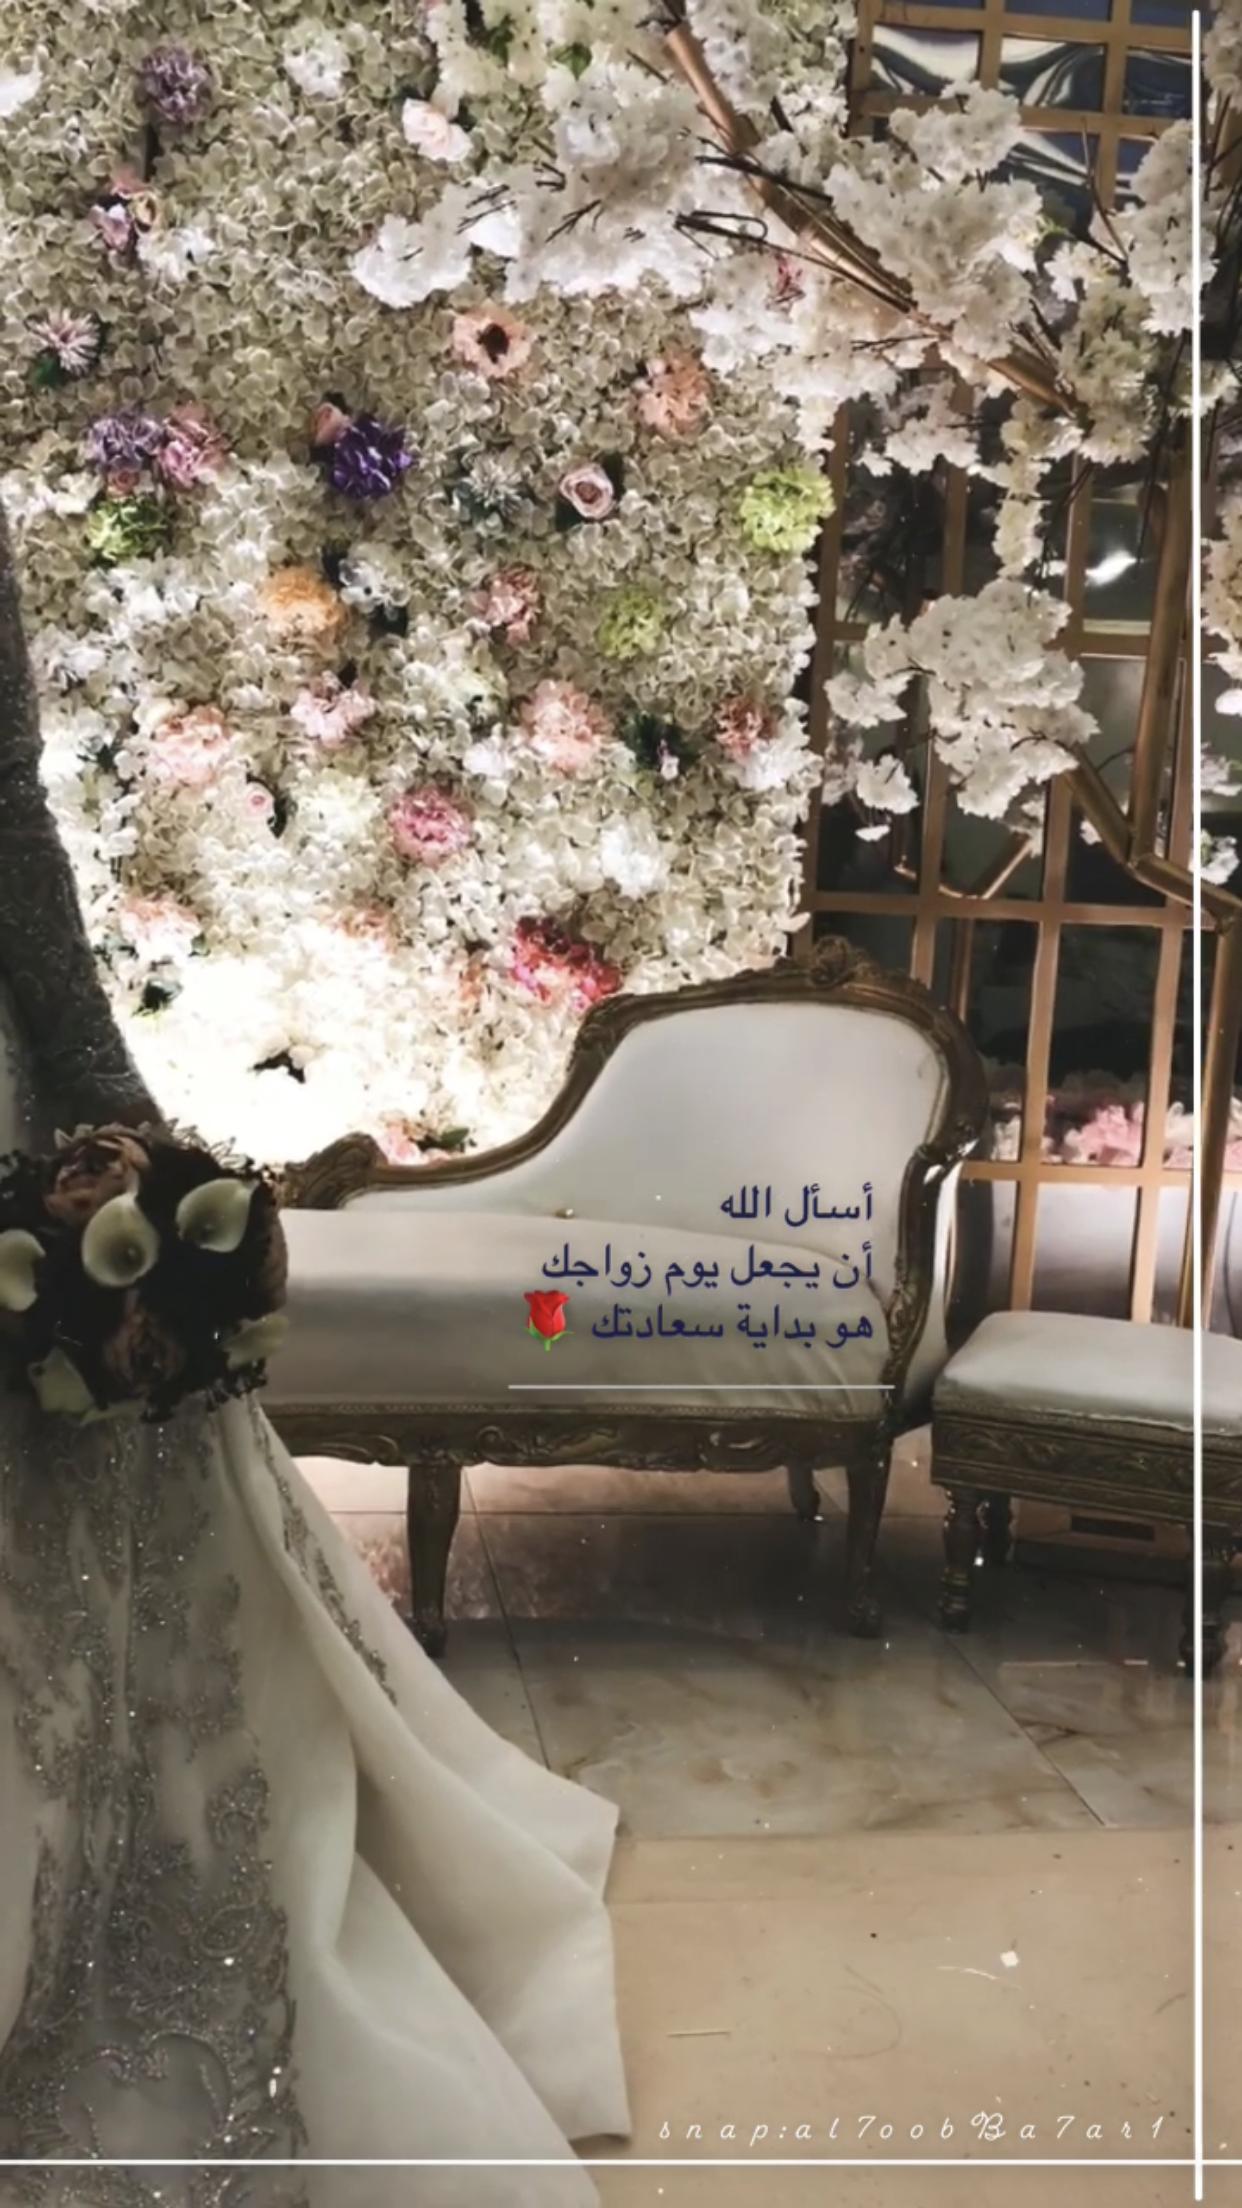 همسة أسأل الله أن يجعل يوم زواجك هو بداية سعادتك تصويري تصوير سناب تصميمي ت Dream Wedding Decorations Arab Wedding Original Wedding Ideas